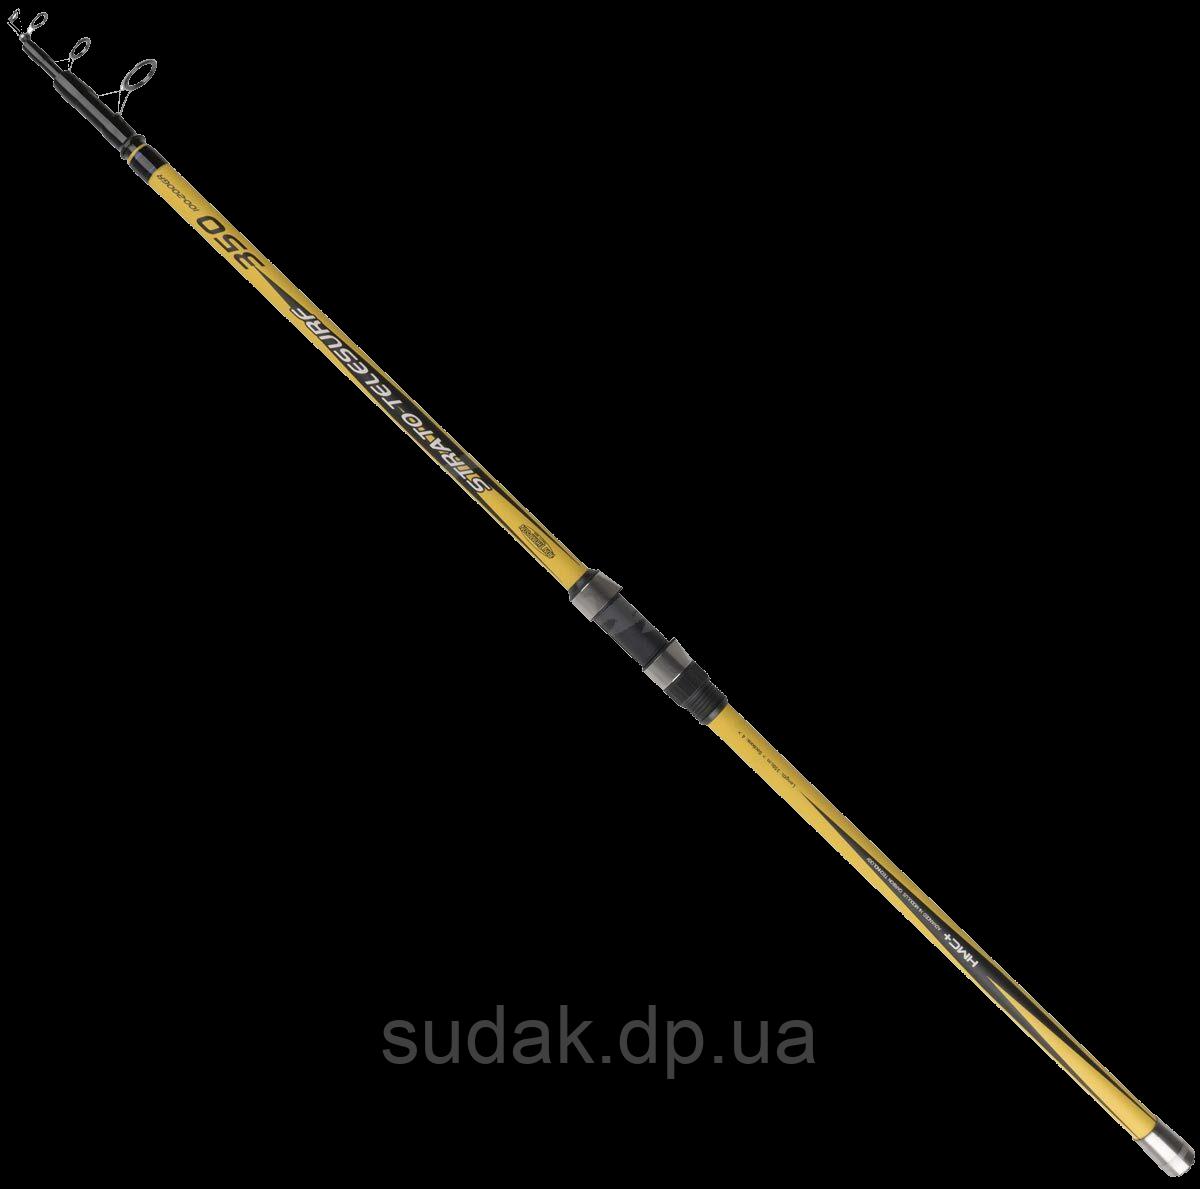 Вудилище серфове Ron Thompson Strato Tele Surf 13'/3.90 m 100-200g 4sec.